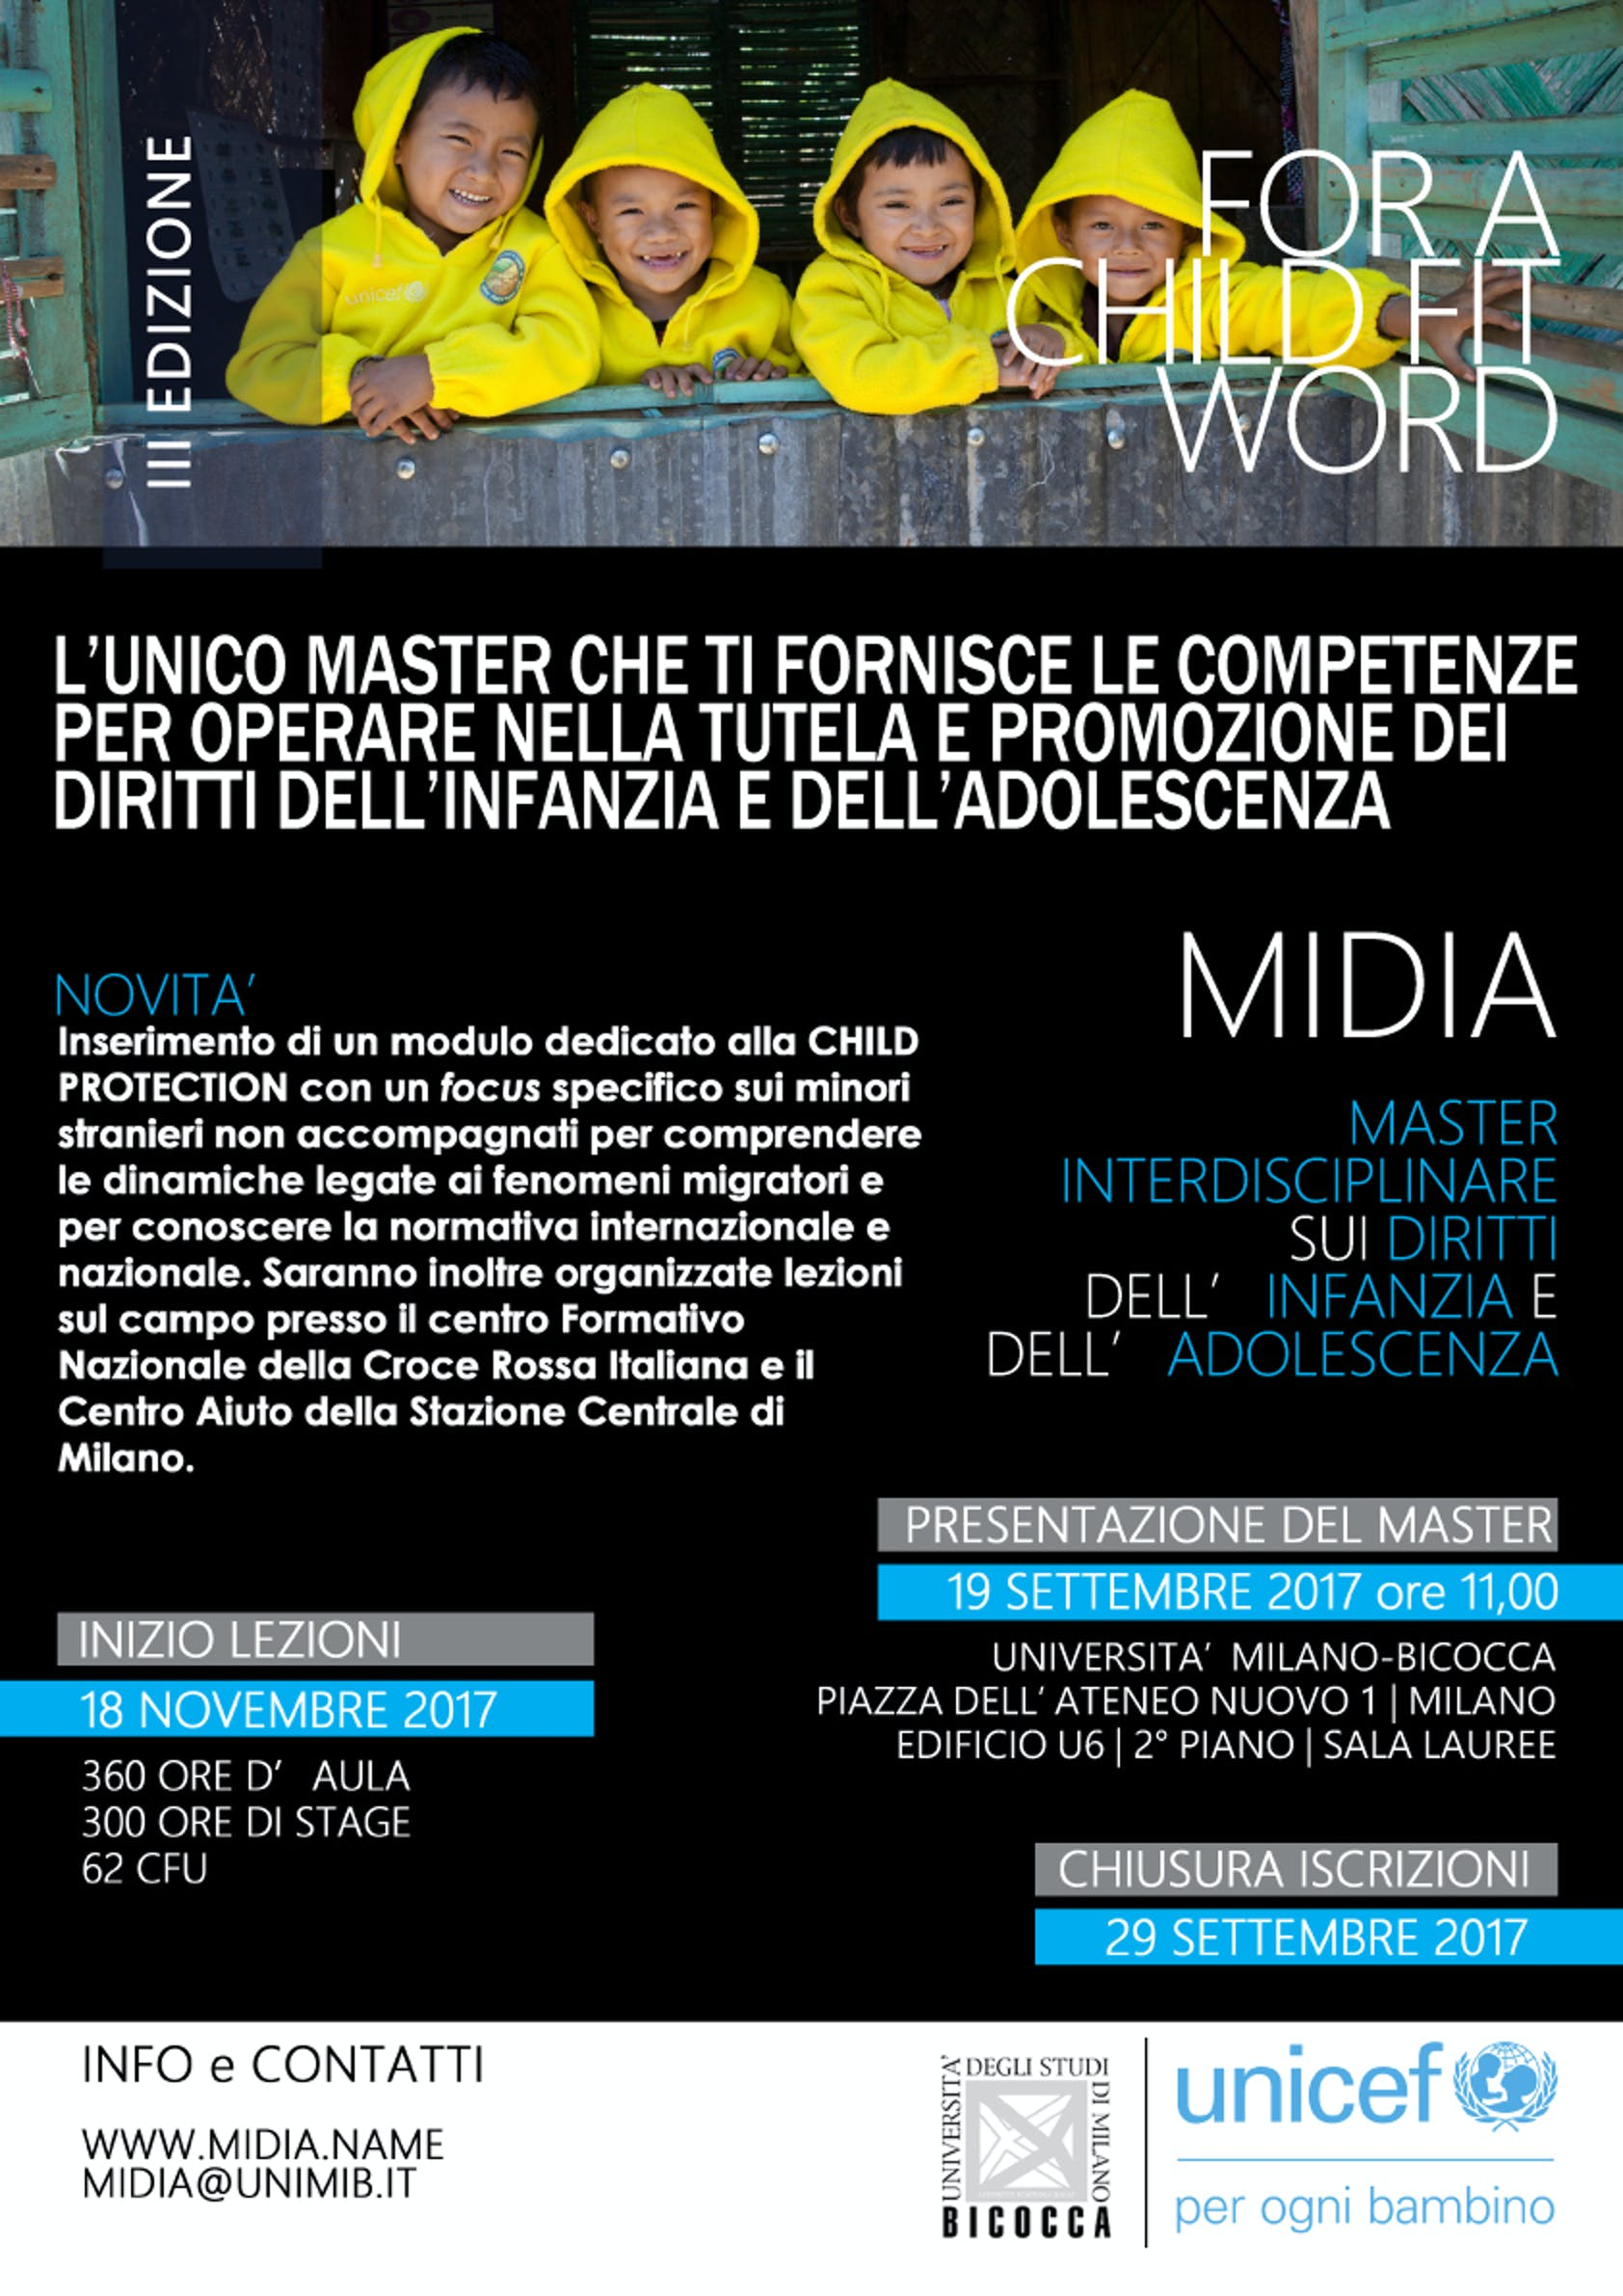 A Milano il Master UNICEF sui diritti dell'infanzia, al via la terza edizione